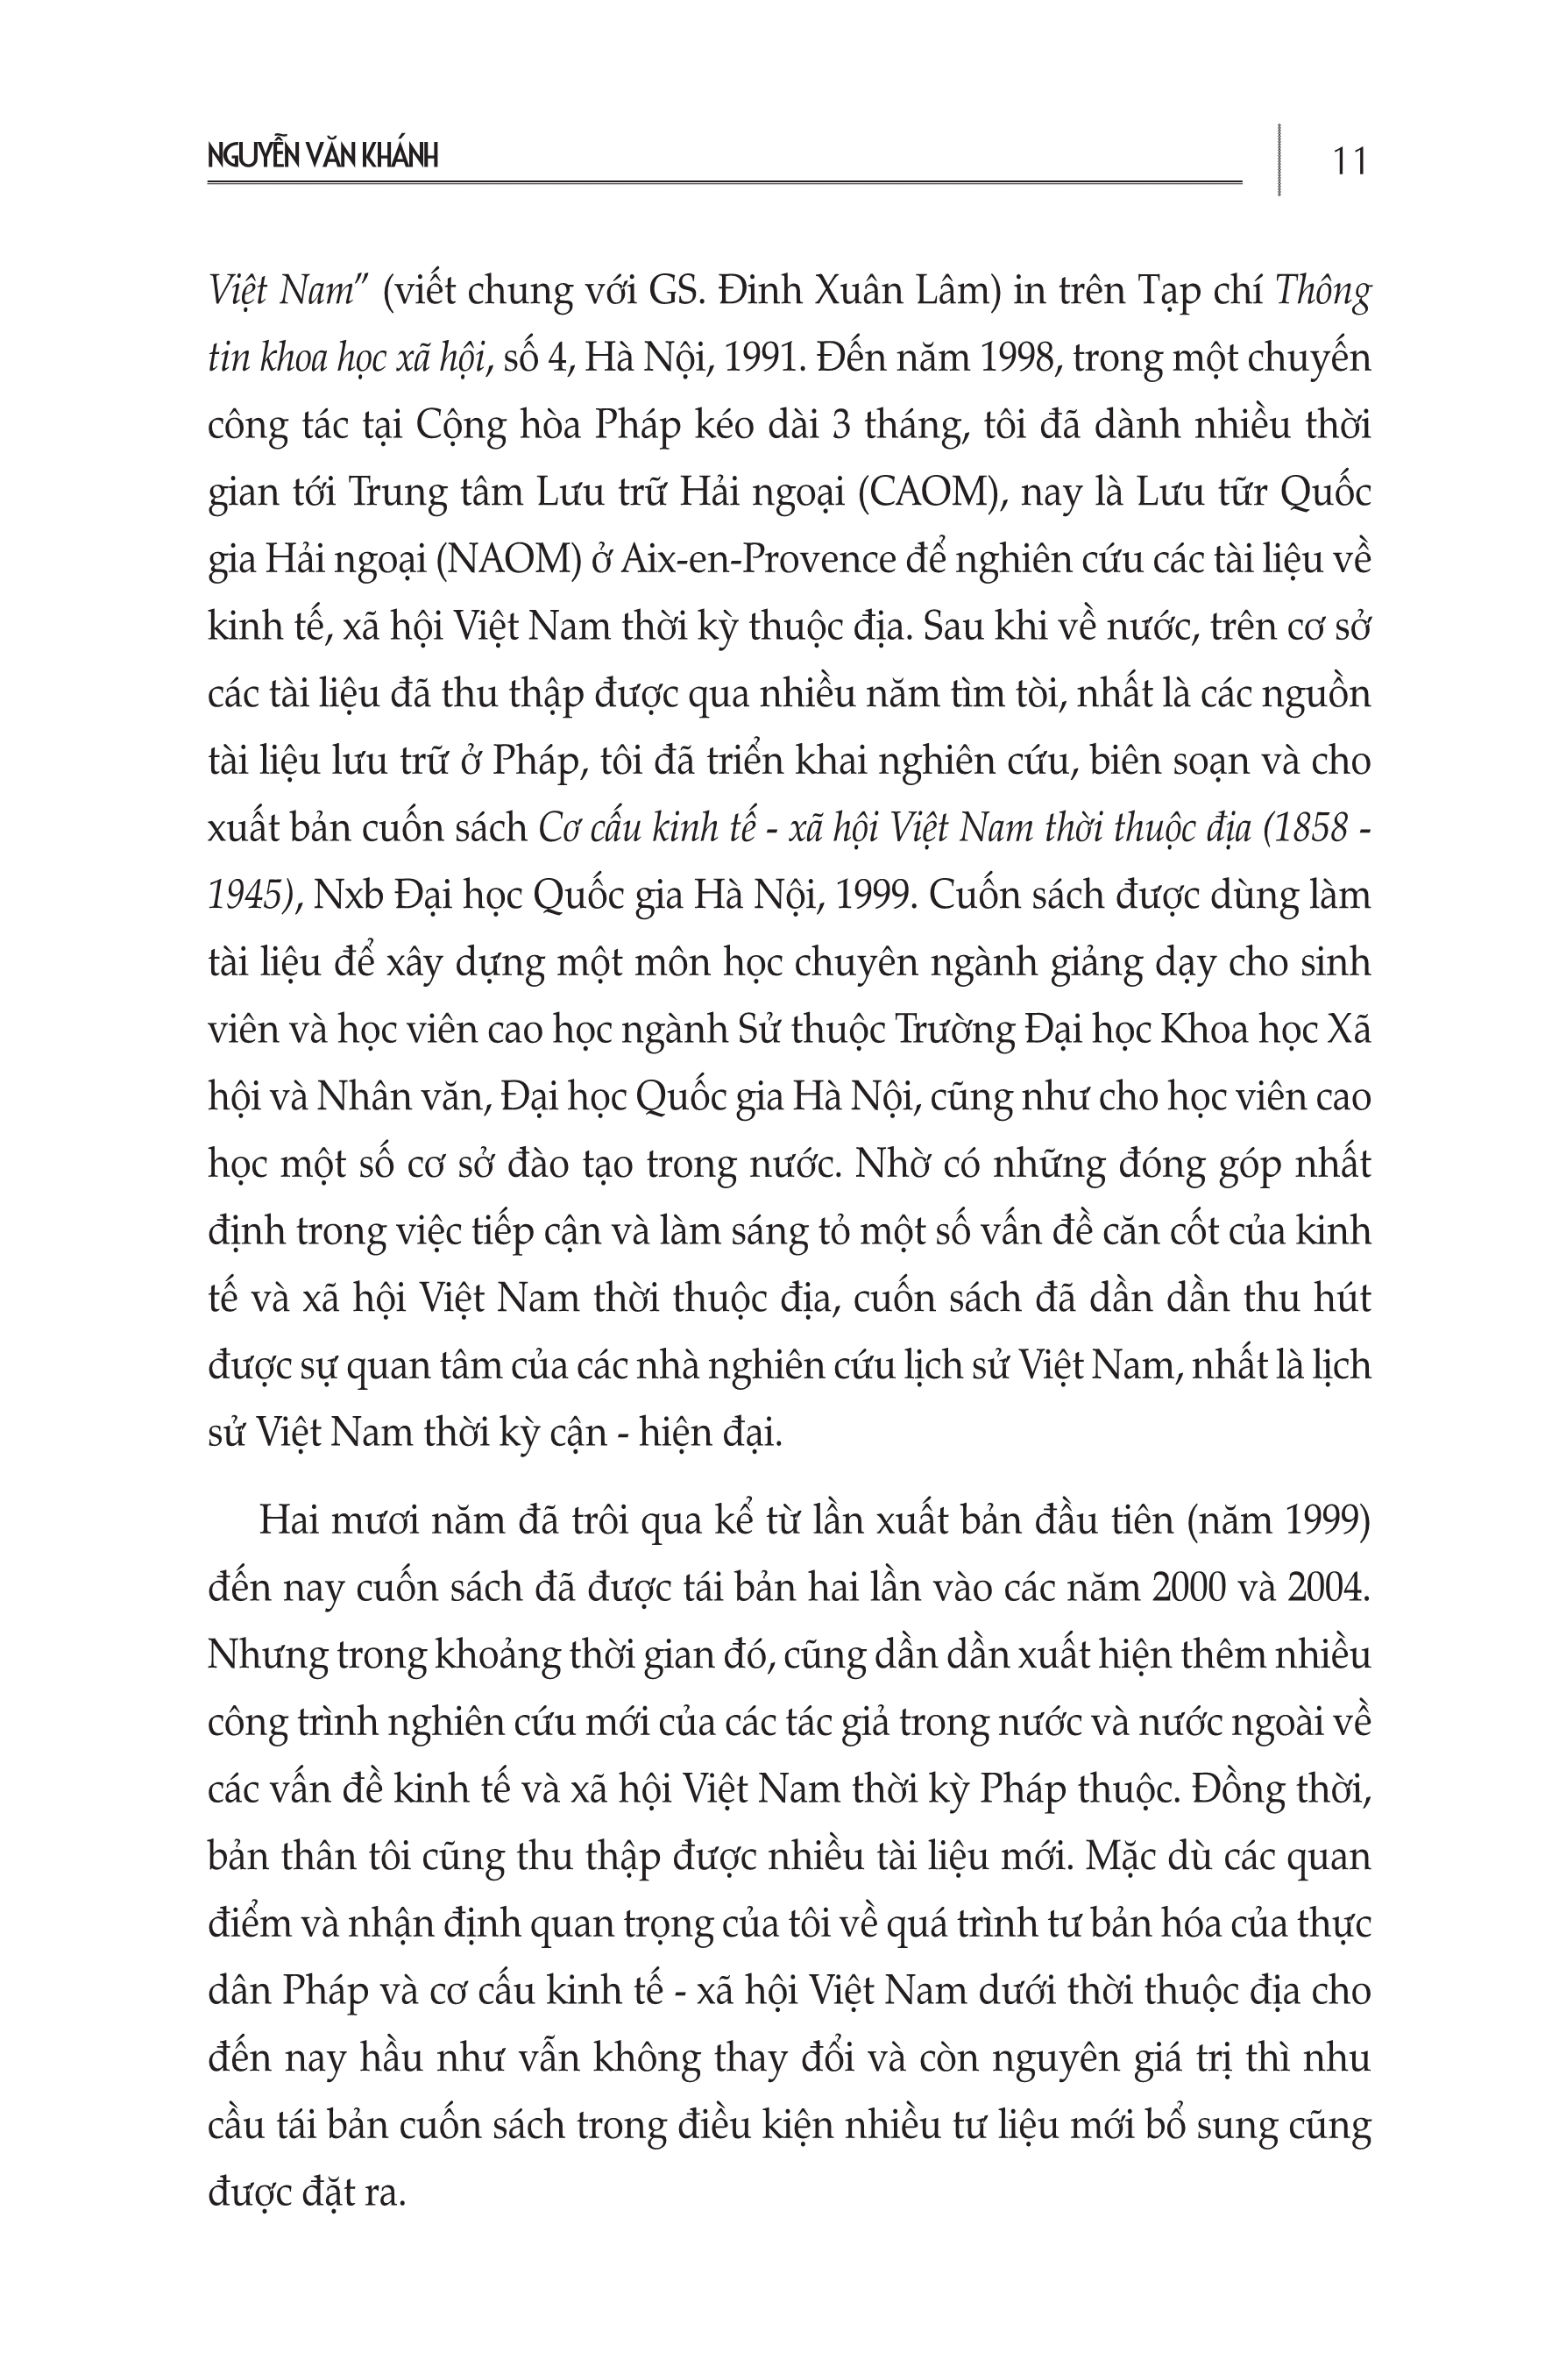 Cơ cấu Kinh Tế Xã Hội Việt Nam Thời Thuộc Địa (1858-1945)